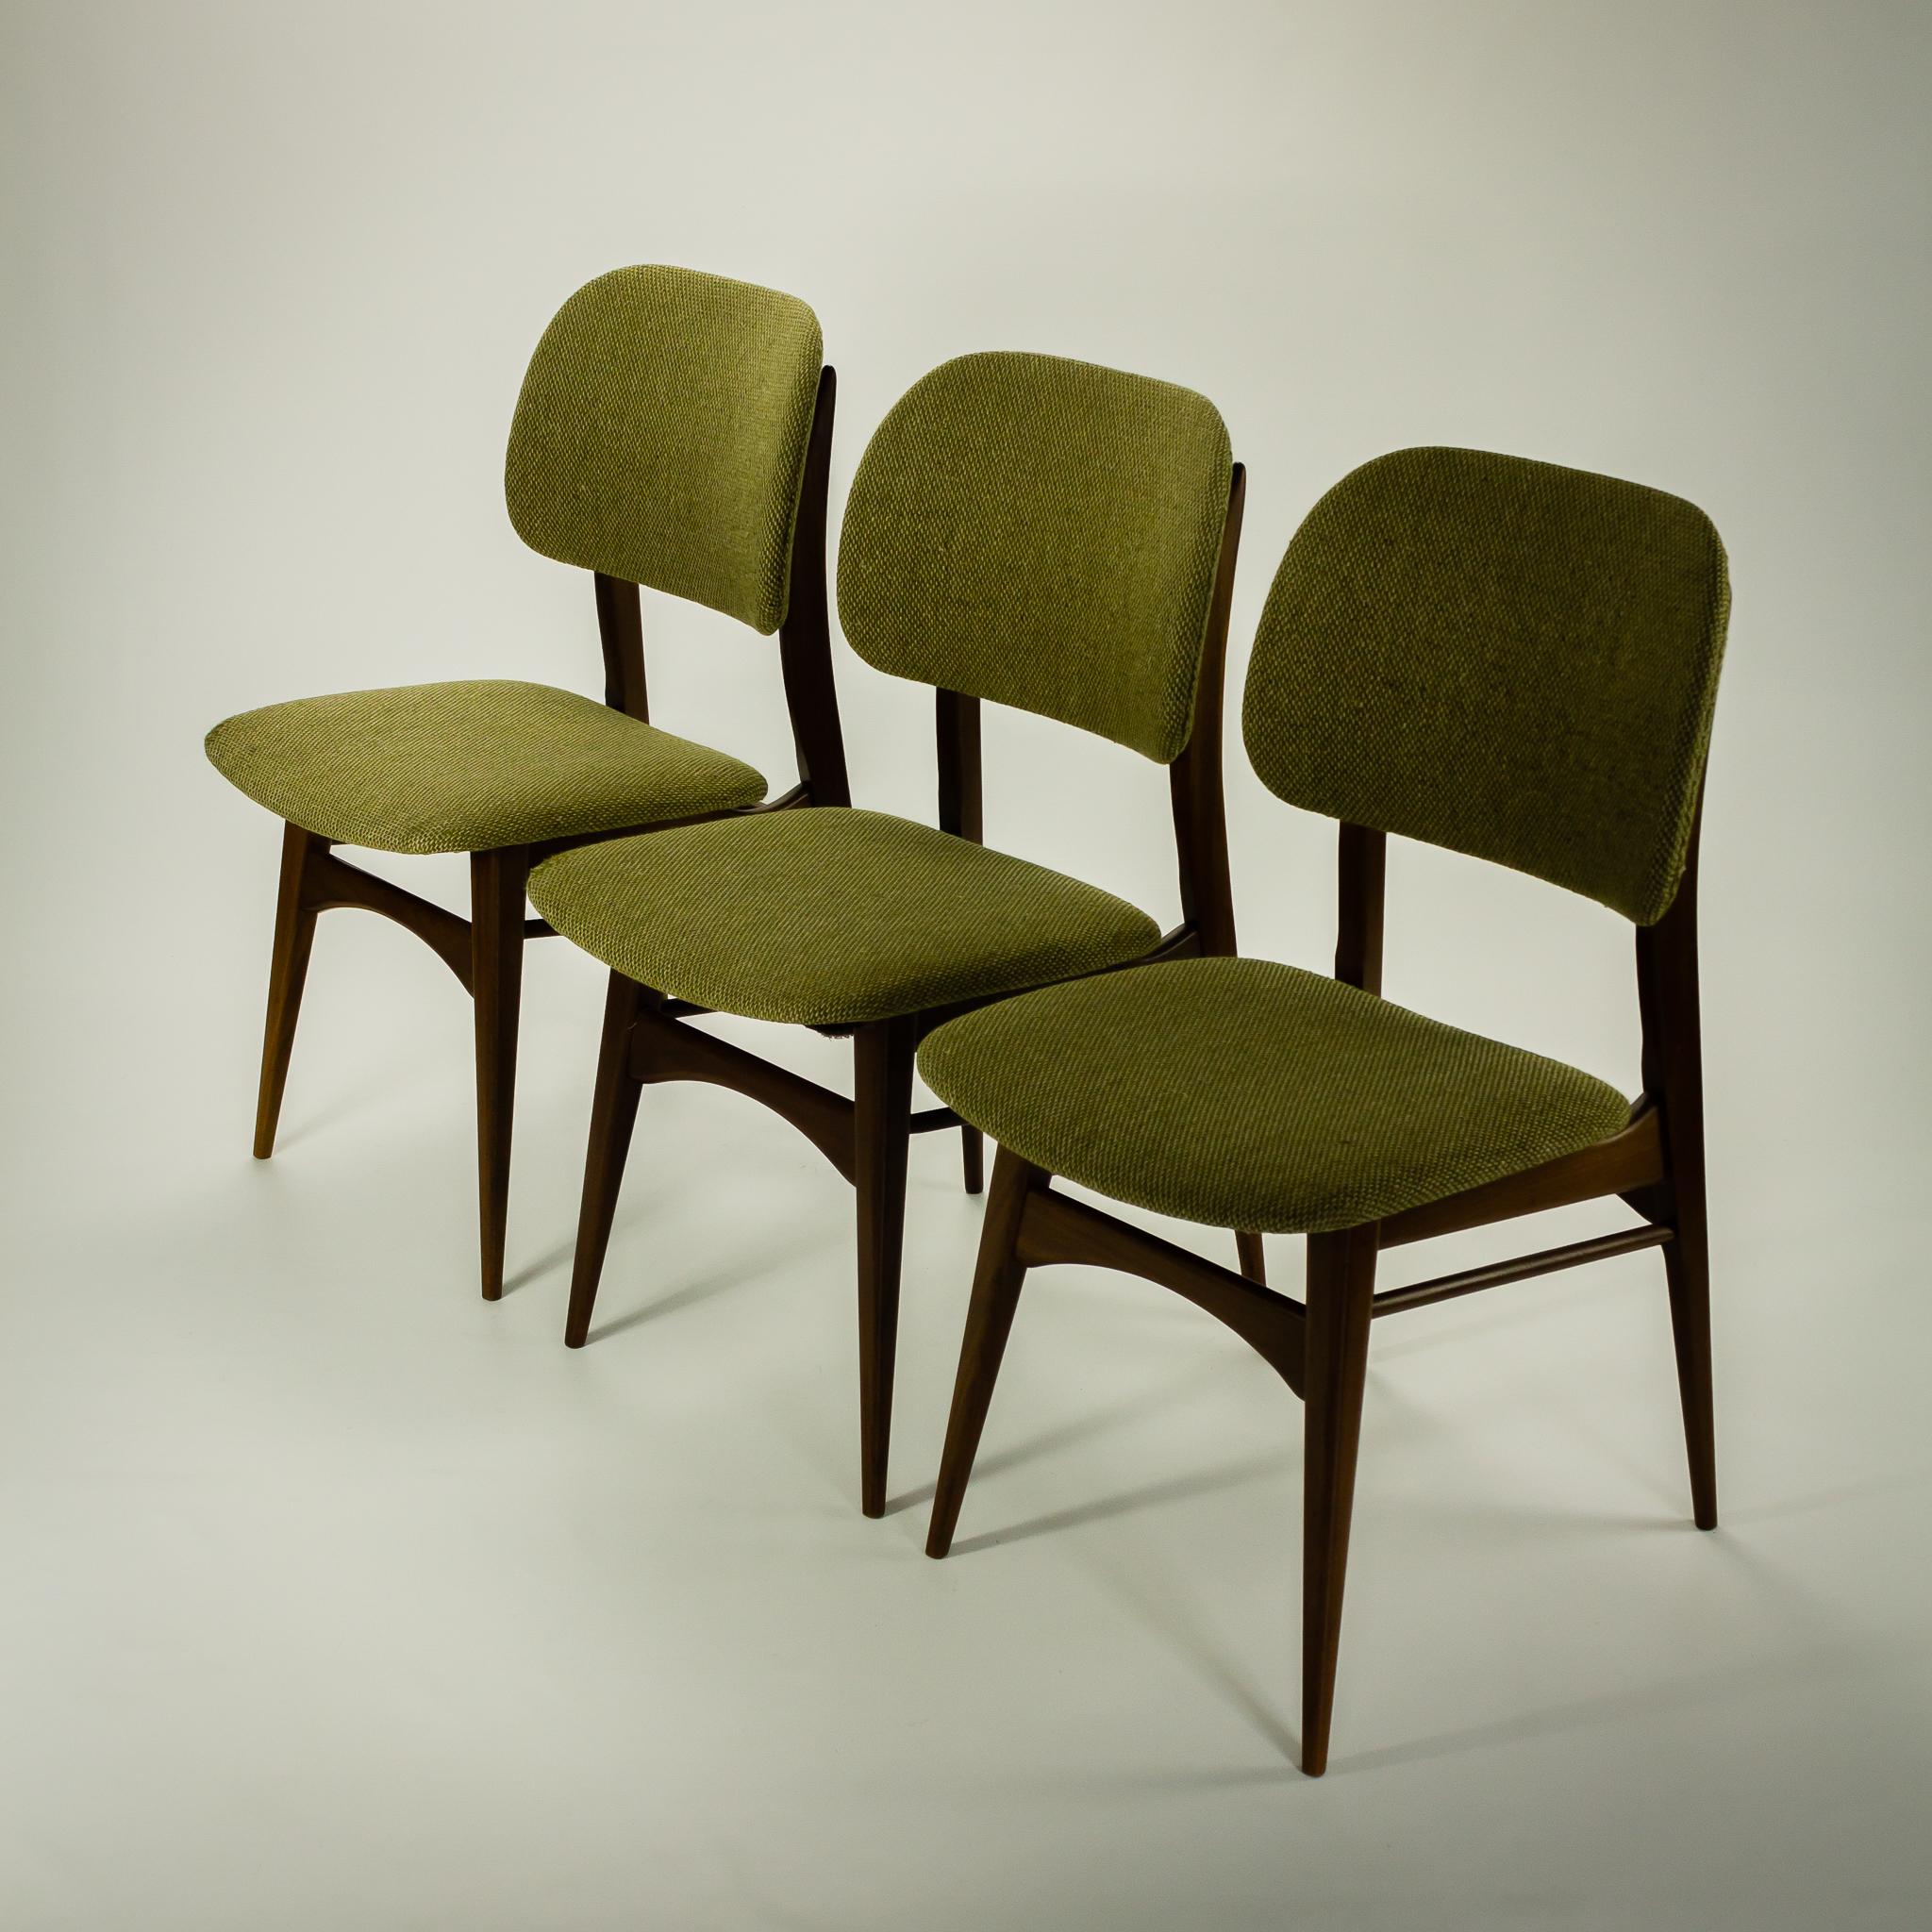 Eettafel stoelen vintage brouwerijdehogestins for Vintage stoelen